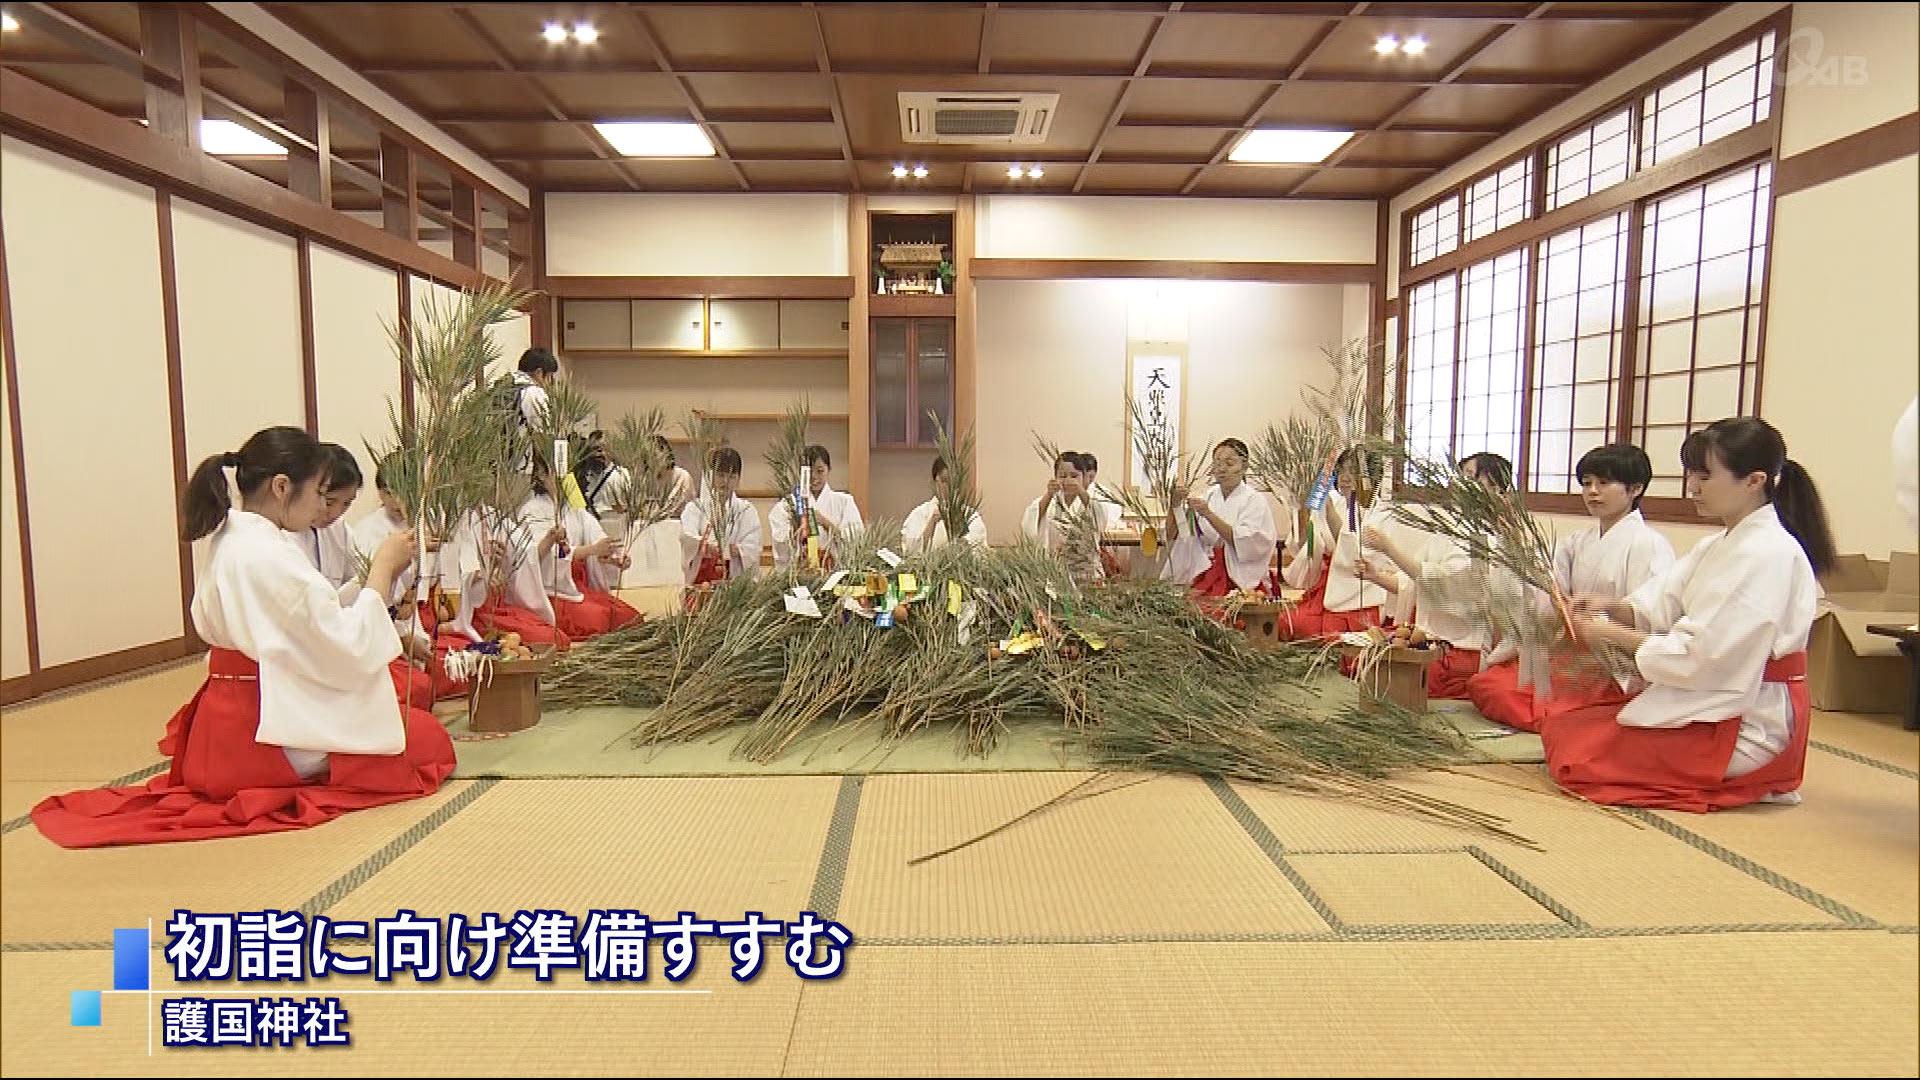 神社では初詣の準備